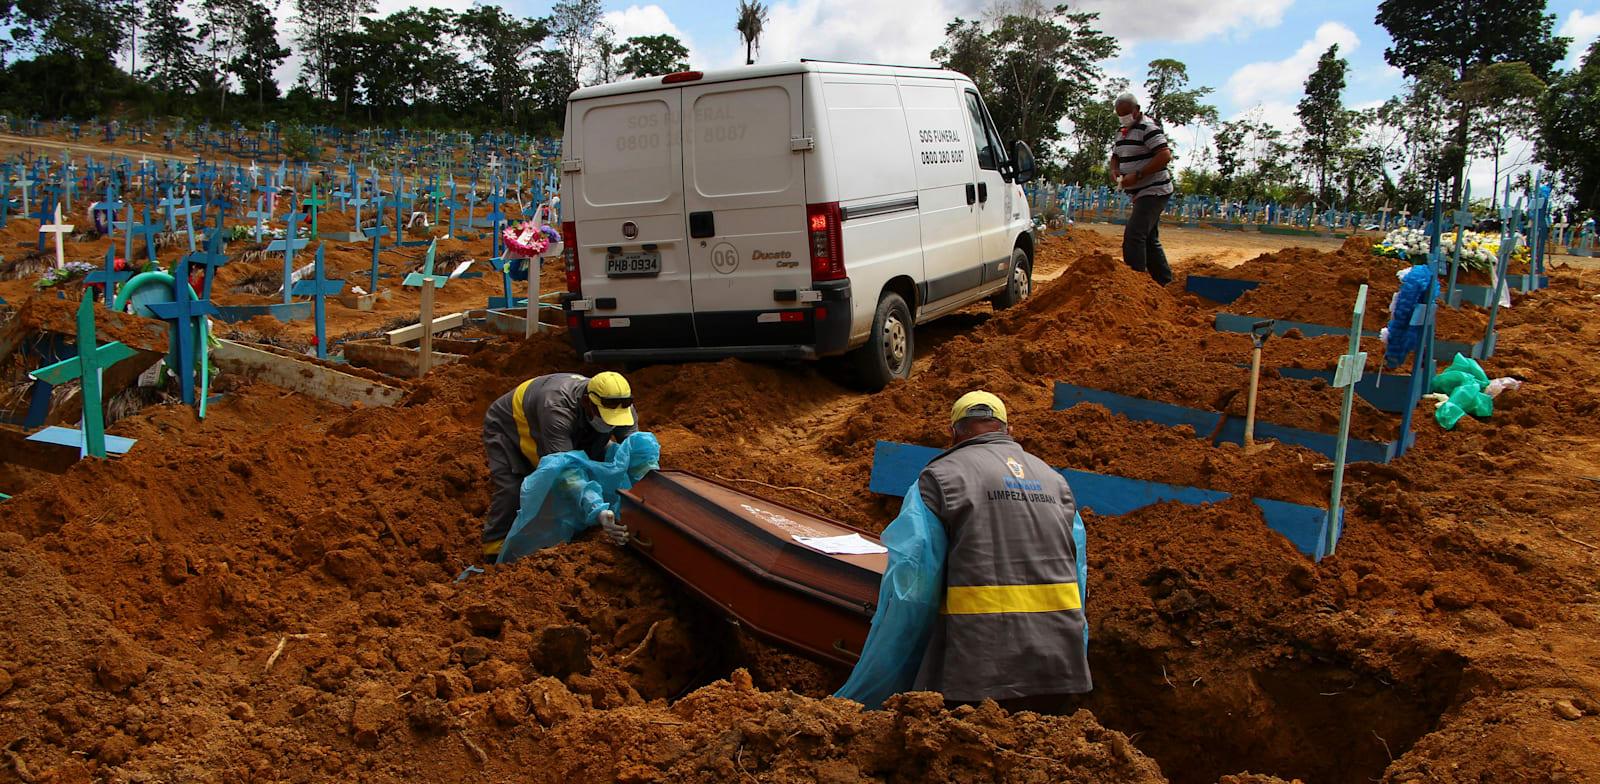 קברים טריים של חולי קורונה בבית קברות במנאוס,ברזיל, בשבוע שעבר / צילום: Associated Press, Edmar Barros